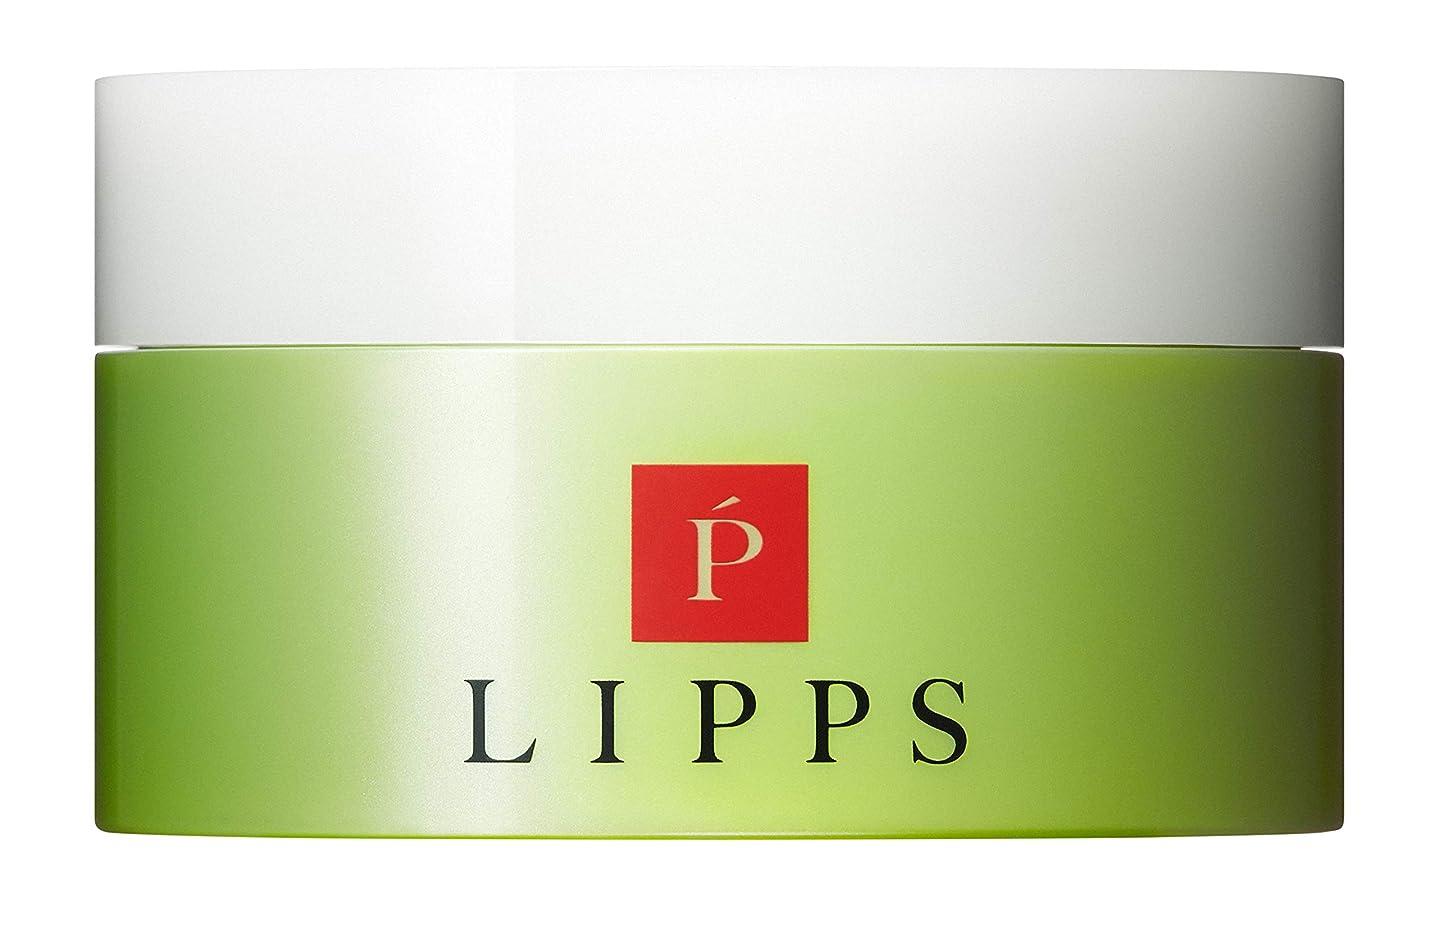 間違いなく掃く超音速【エアリー×自然な束感】LIPPS L11ライトムーブワックス (85g)